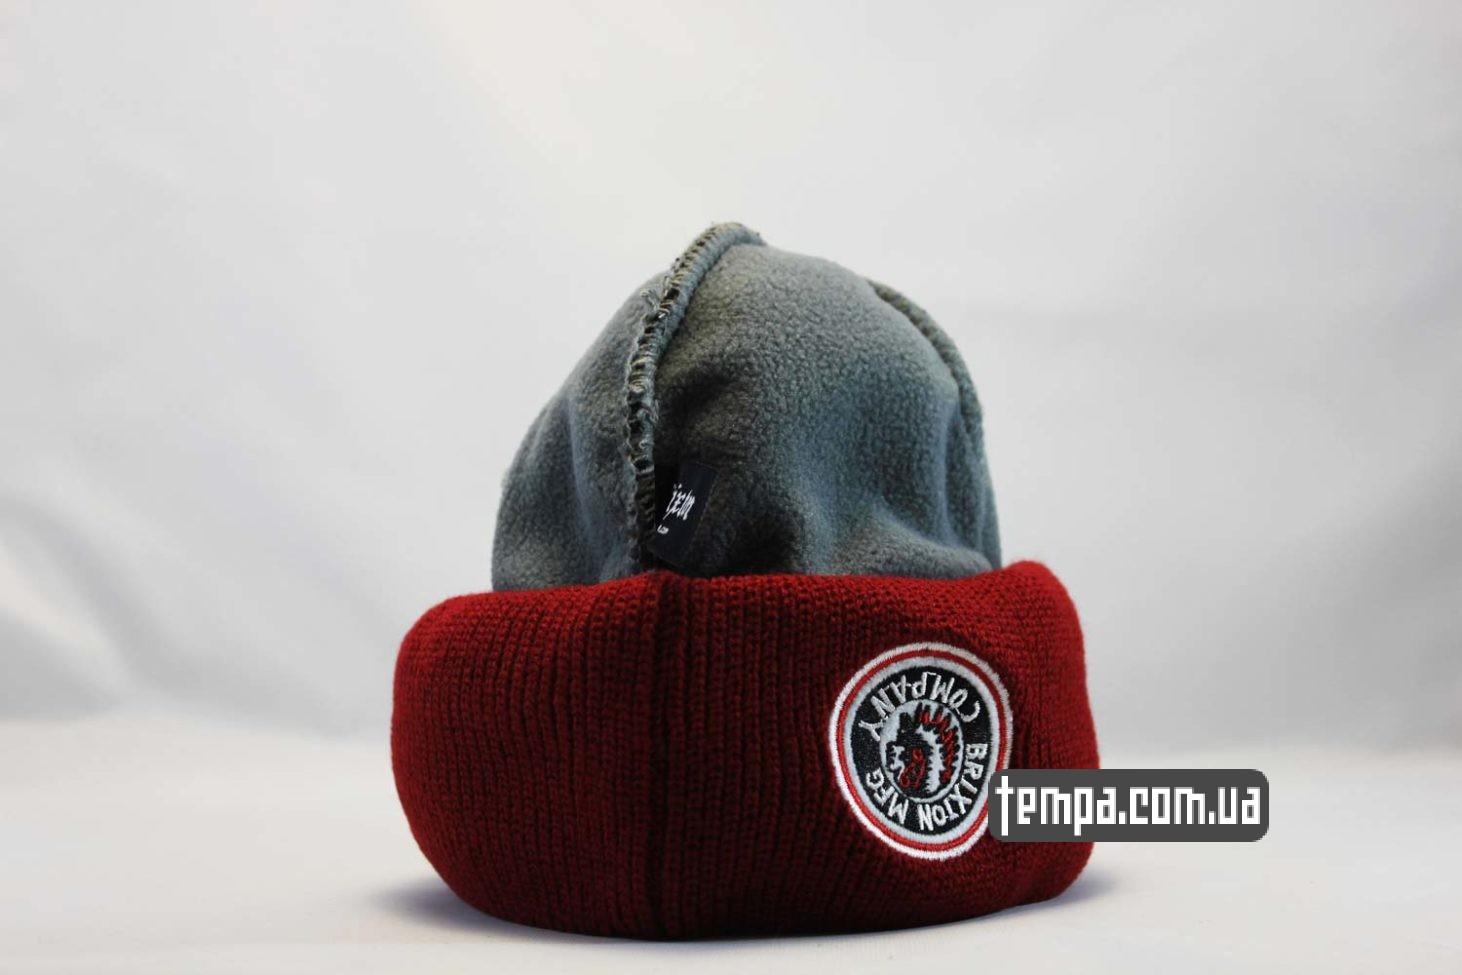 теплые зимние шапки шапка beanie brixxton mfg company indian красная черная с индейцем